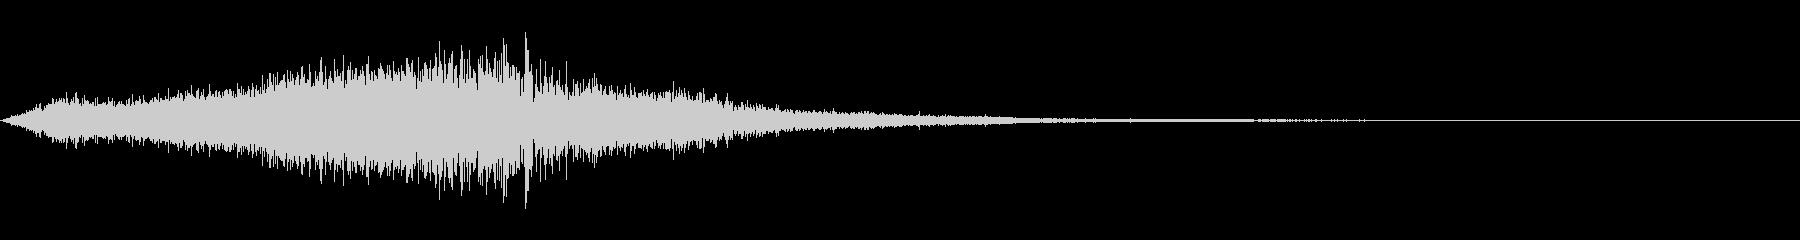 シャープピアスフーシュ4の未再生の波形